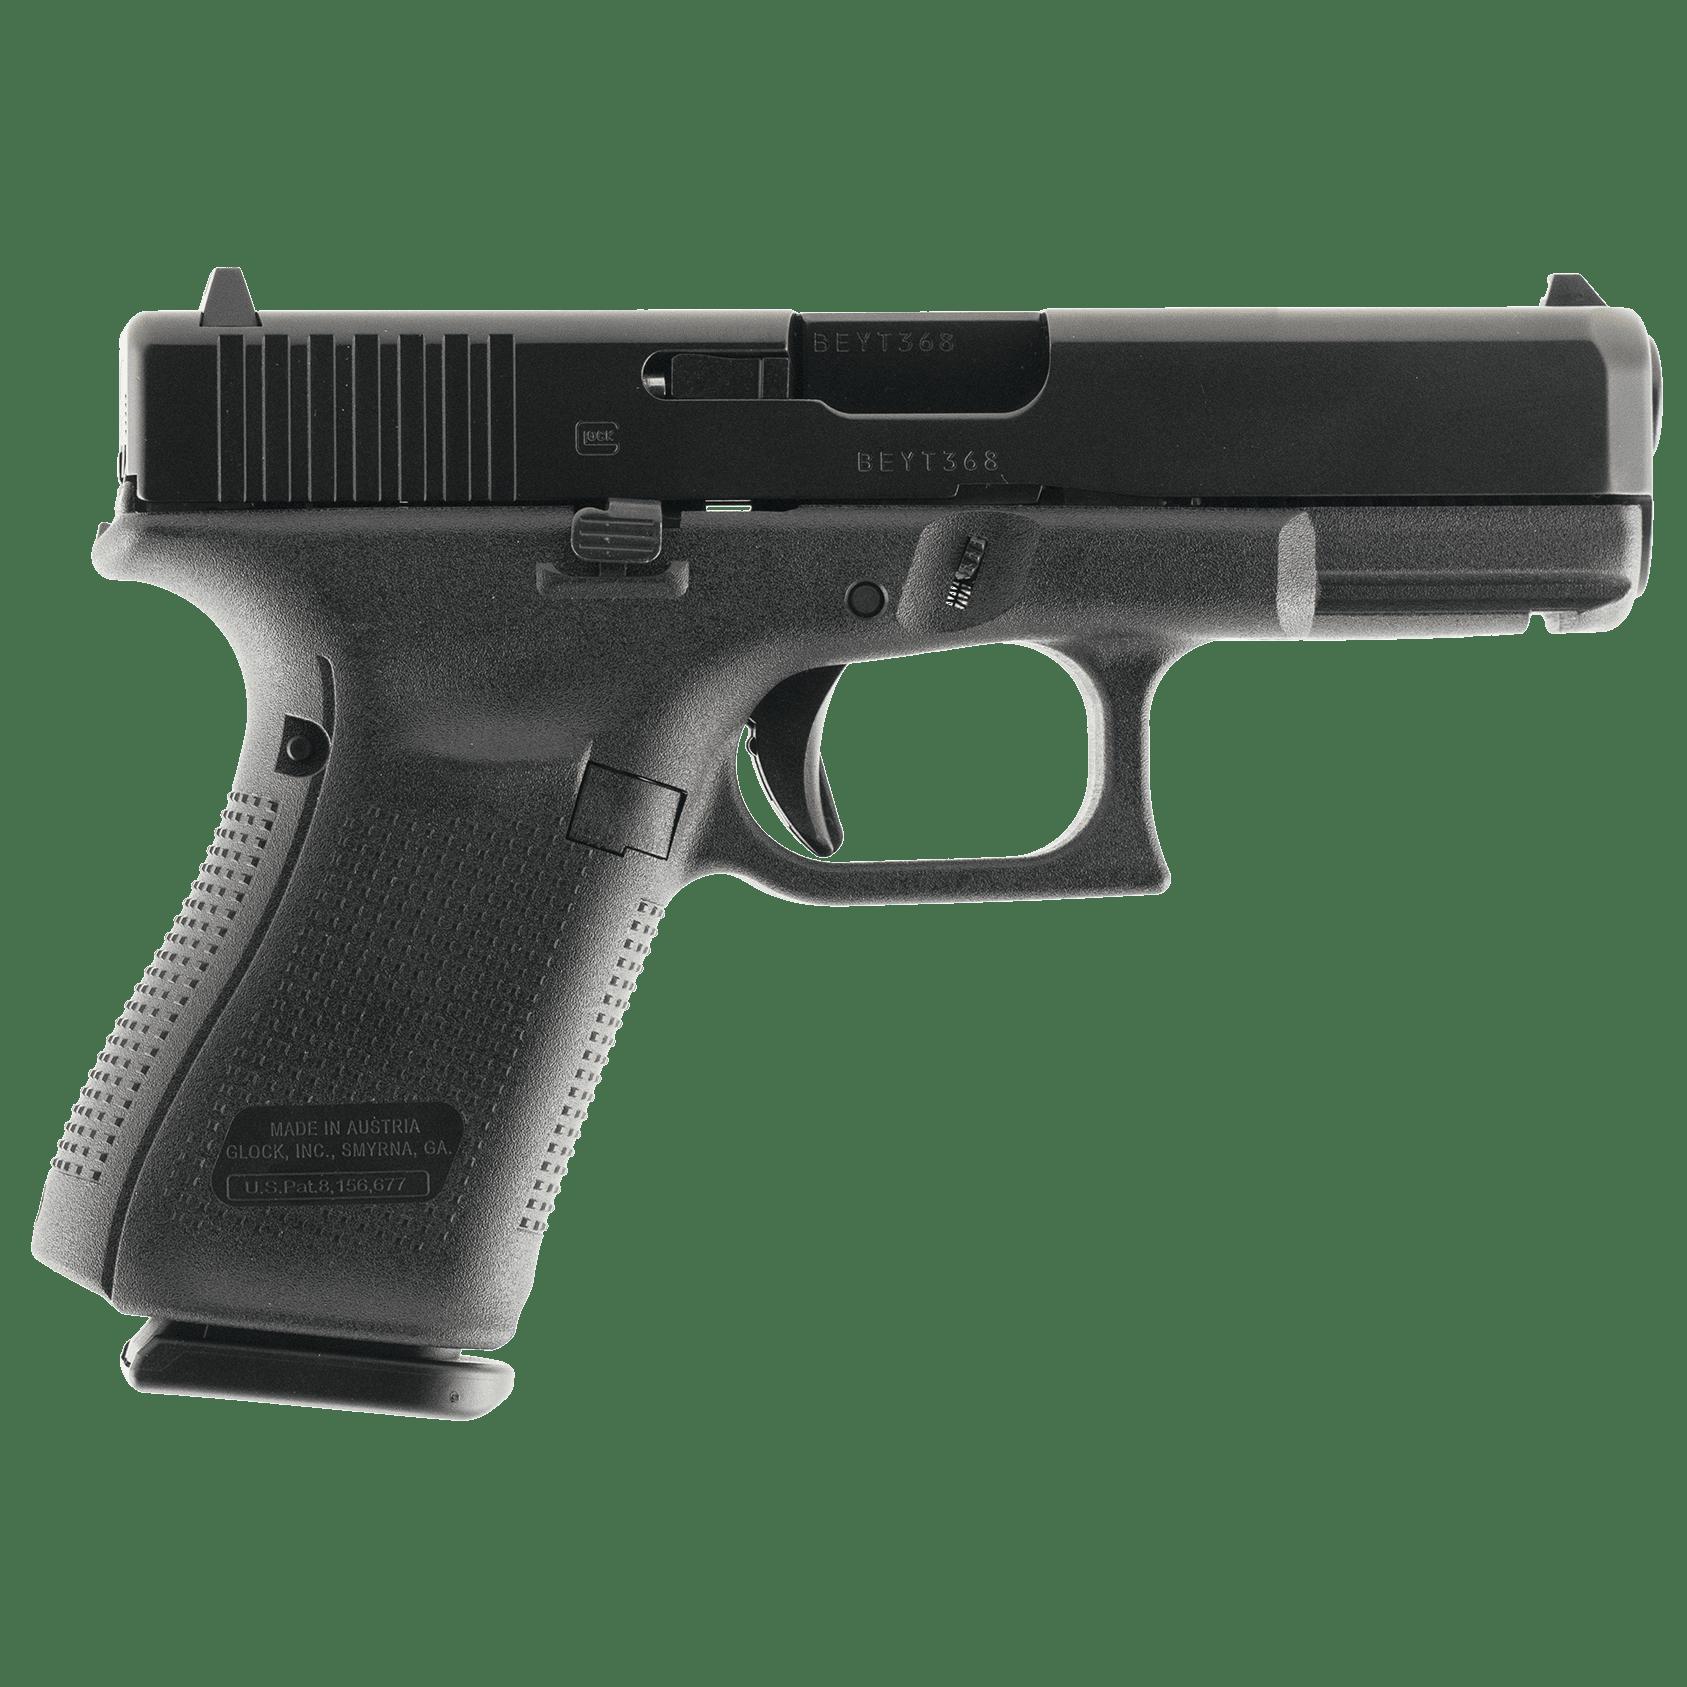 SSEC firearms 301 glock19